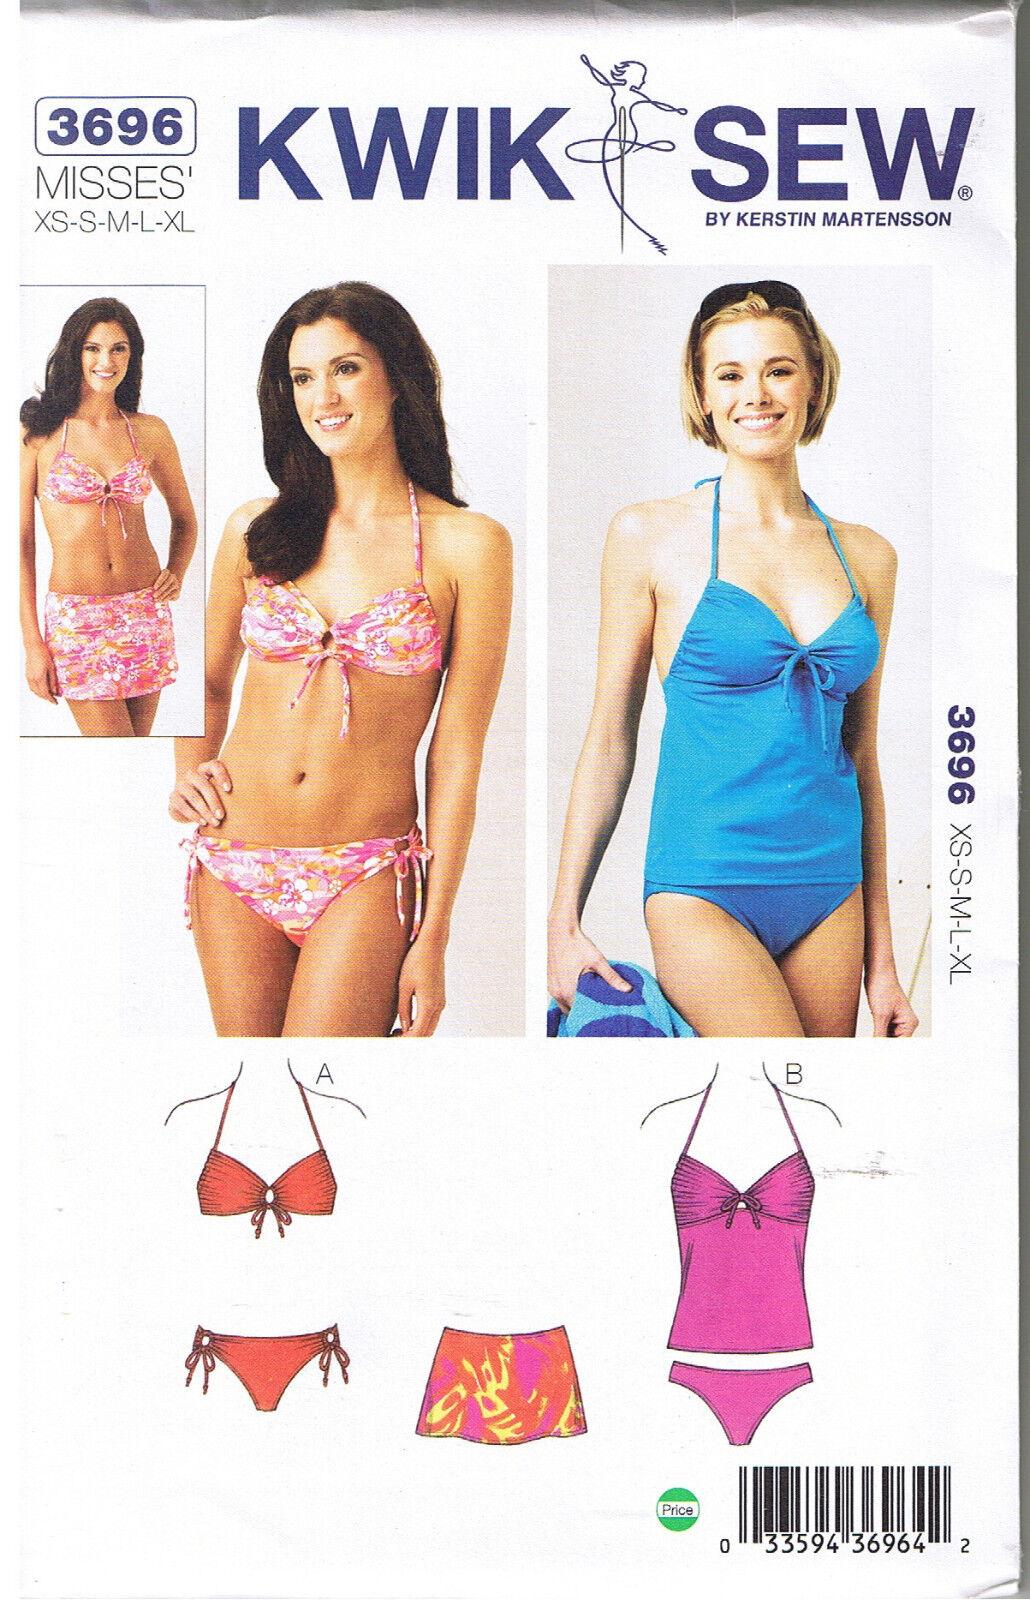 Kwik sew k3696 swimwear sewing pattern size xs s m l xl ebay picture 1 of 2 jeuxipadfo Gallery